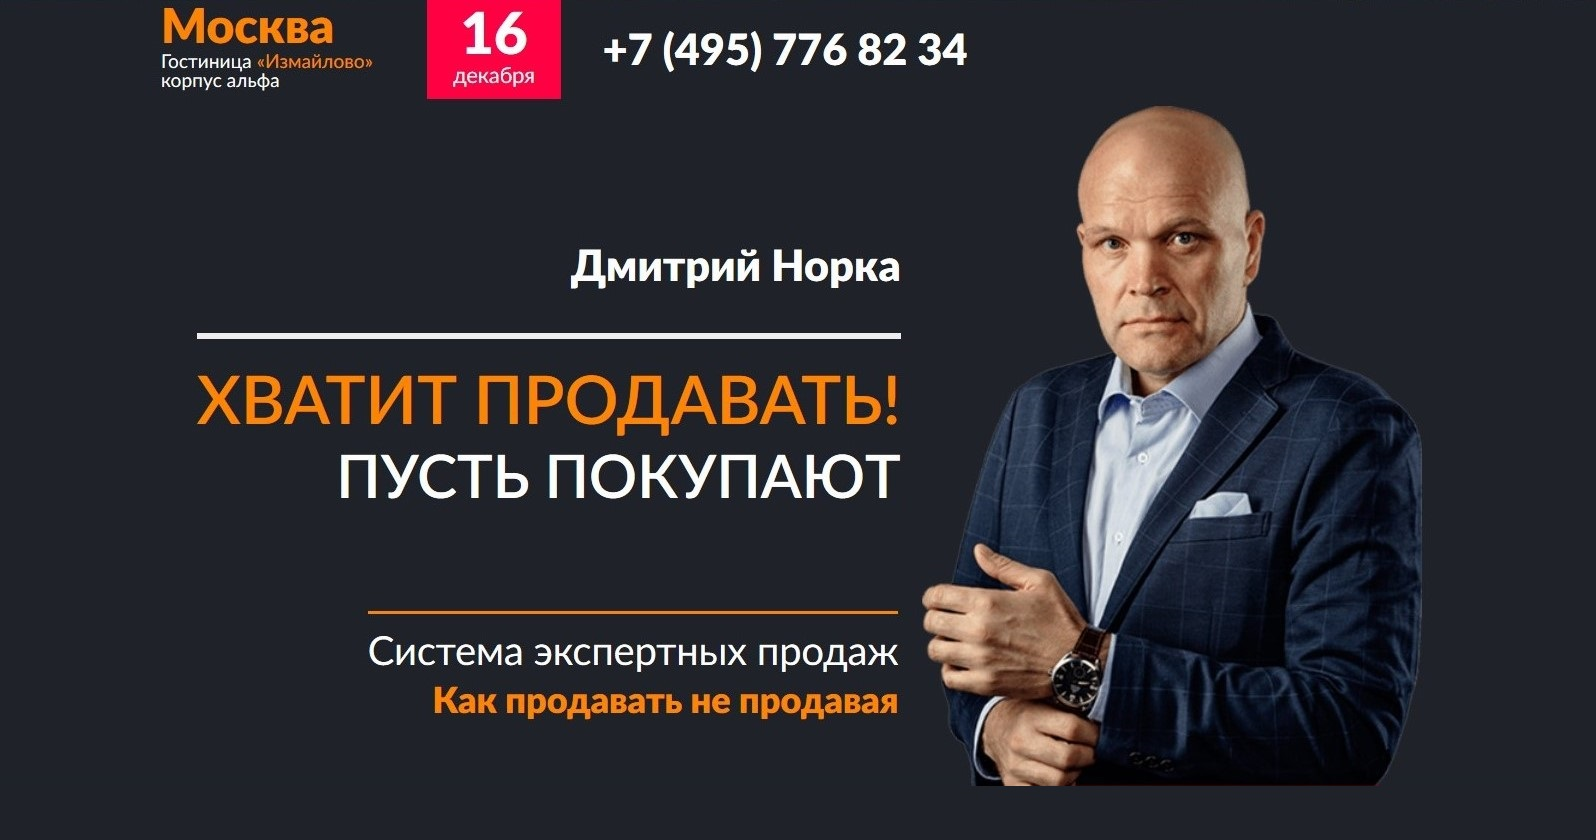 """Мастер-класс Дмитрия Норка """"Хватит продавать! Пусть покупают"""""""